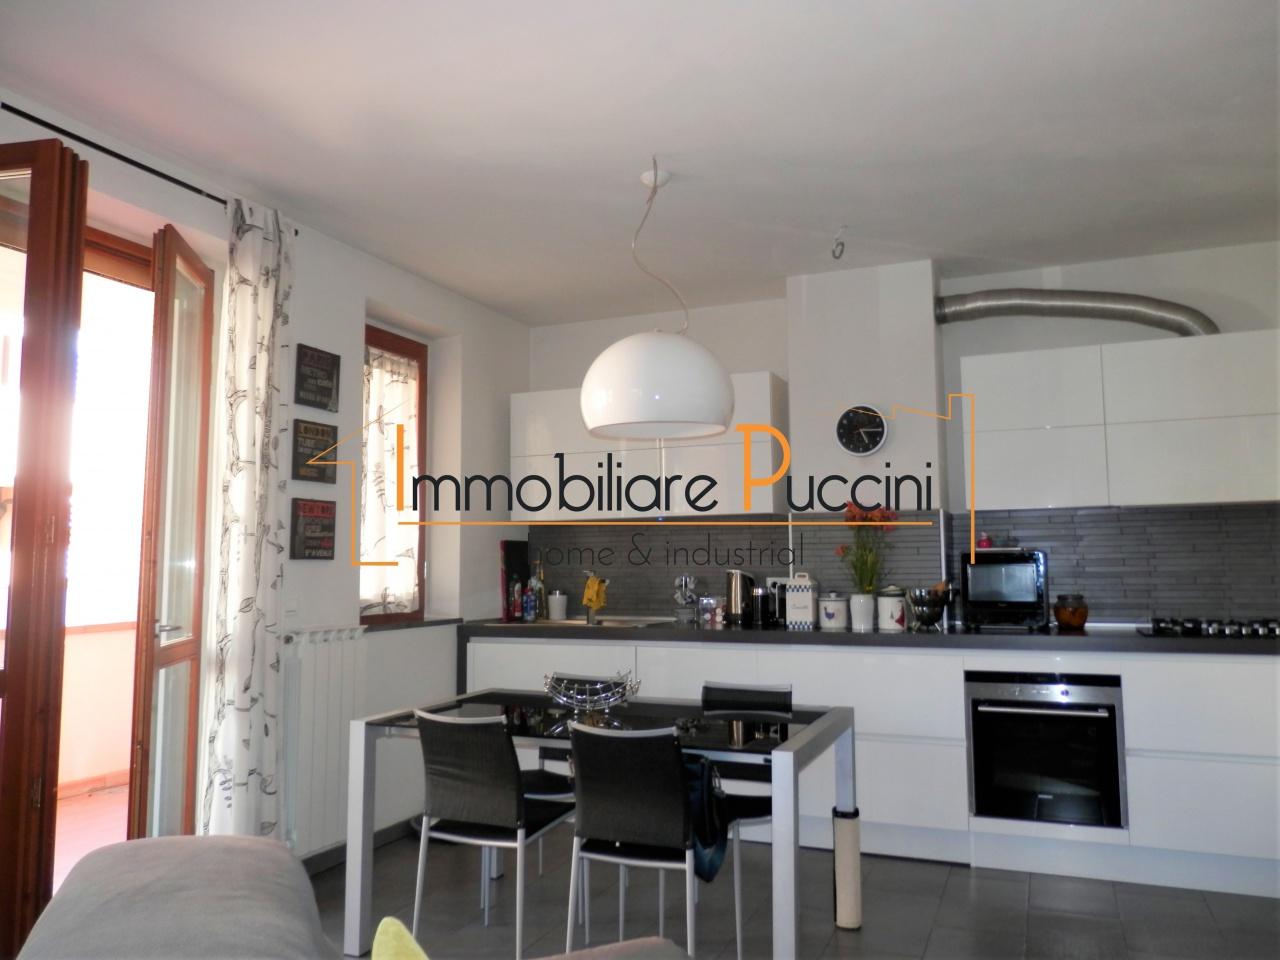 Appartamento in vendita a Calenzano, 3 locali, prezzo € 275.000   CambioCasa.it